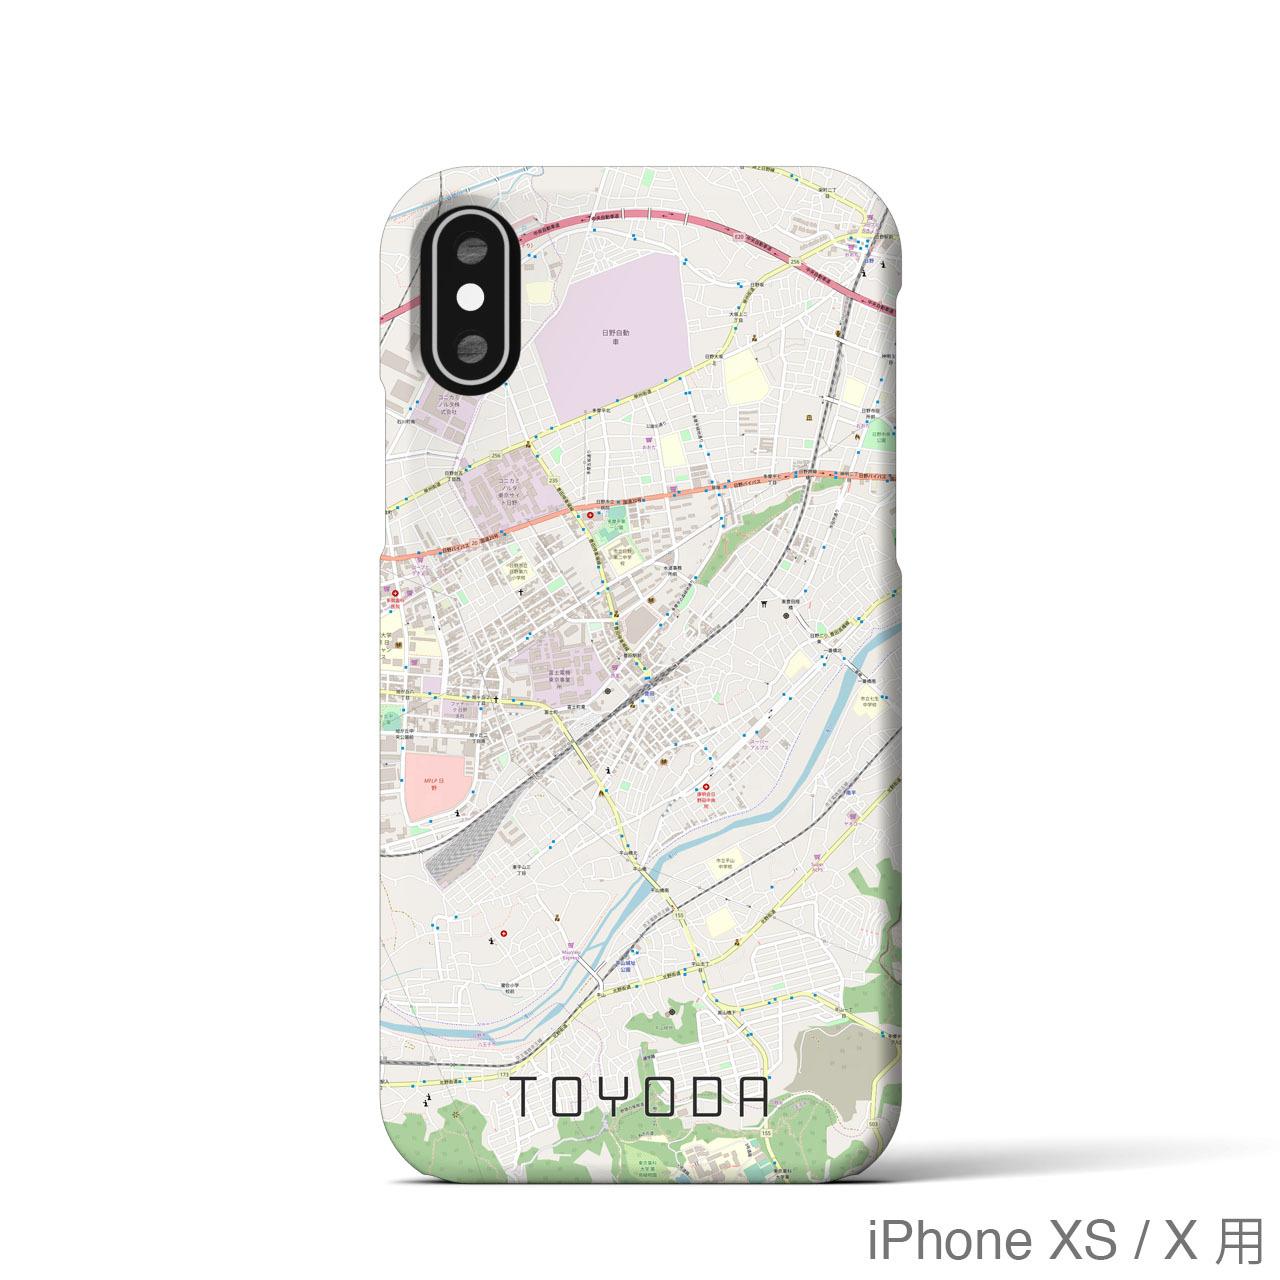 【豊田】地図柄iPhoneケース(バックカバータイプ・ナチュラル)